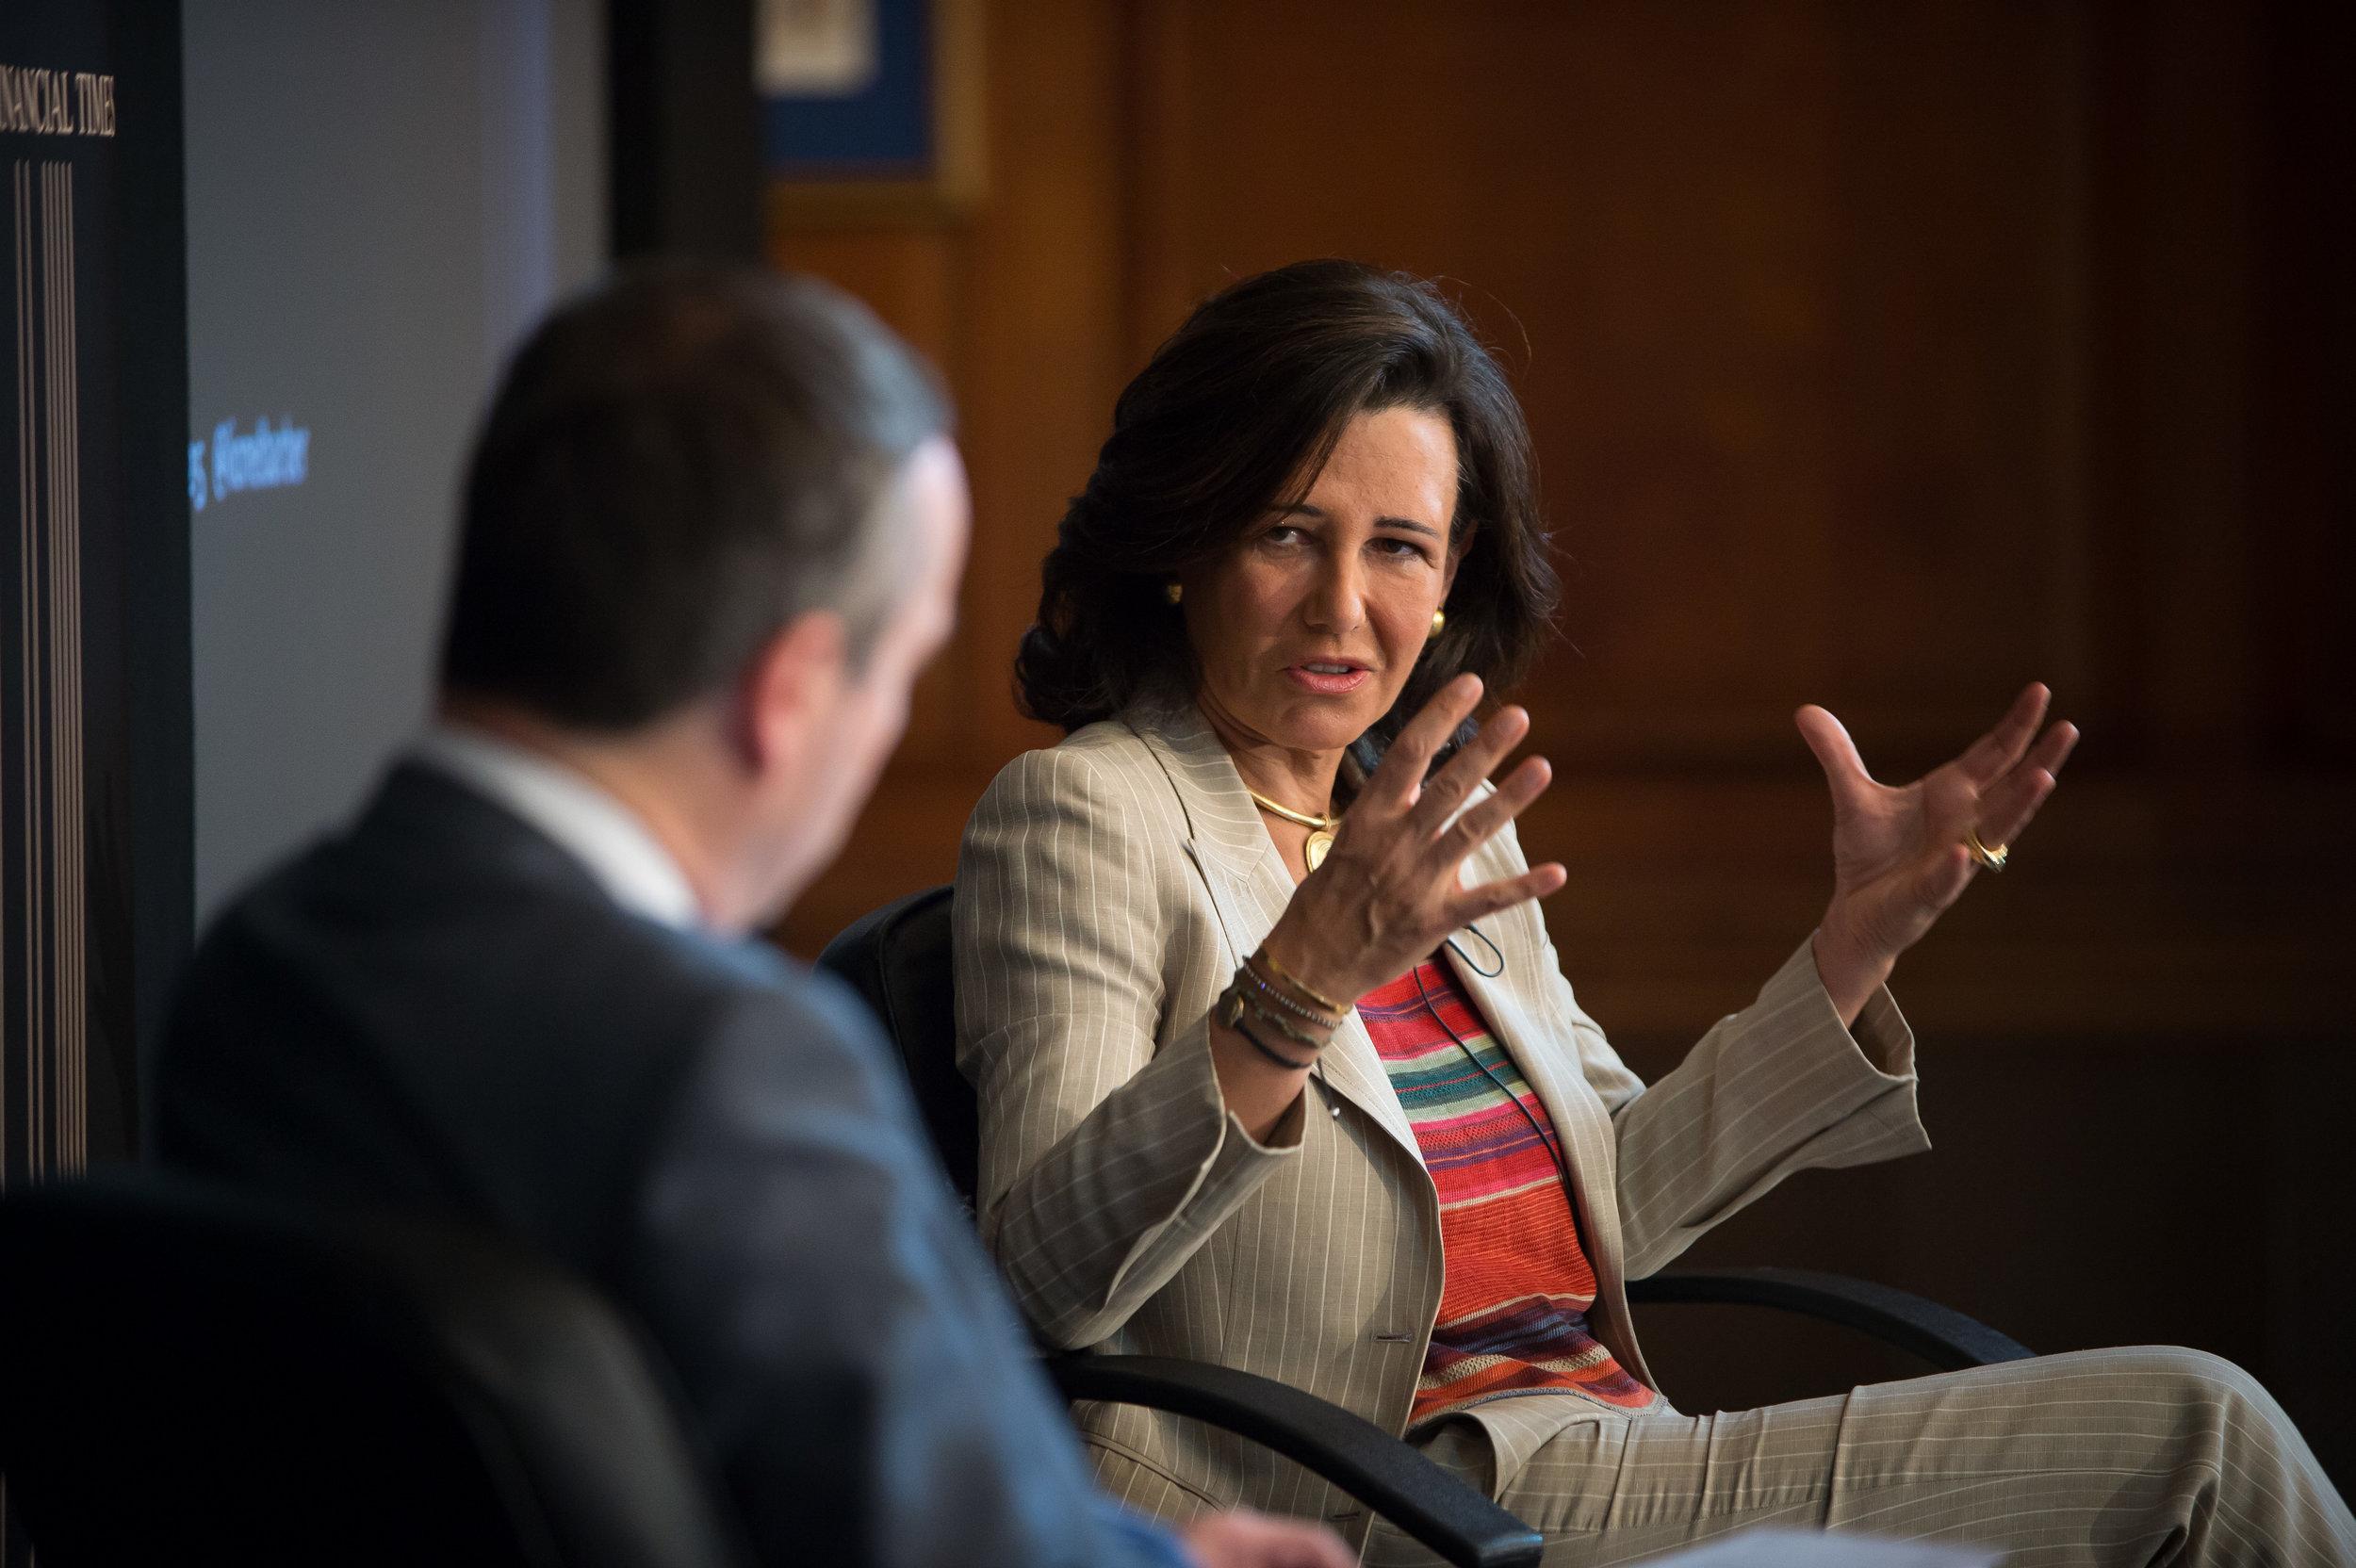 Ana Botín, Group Executive Chairman, Banco Santander